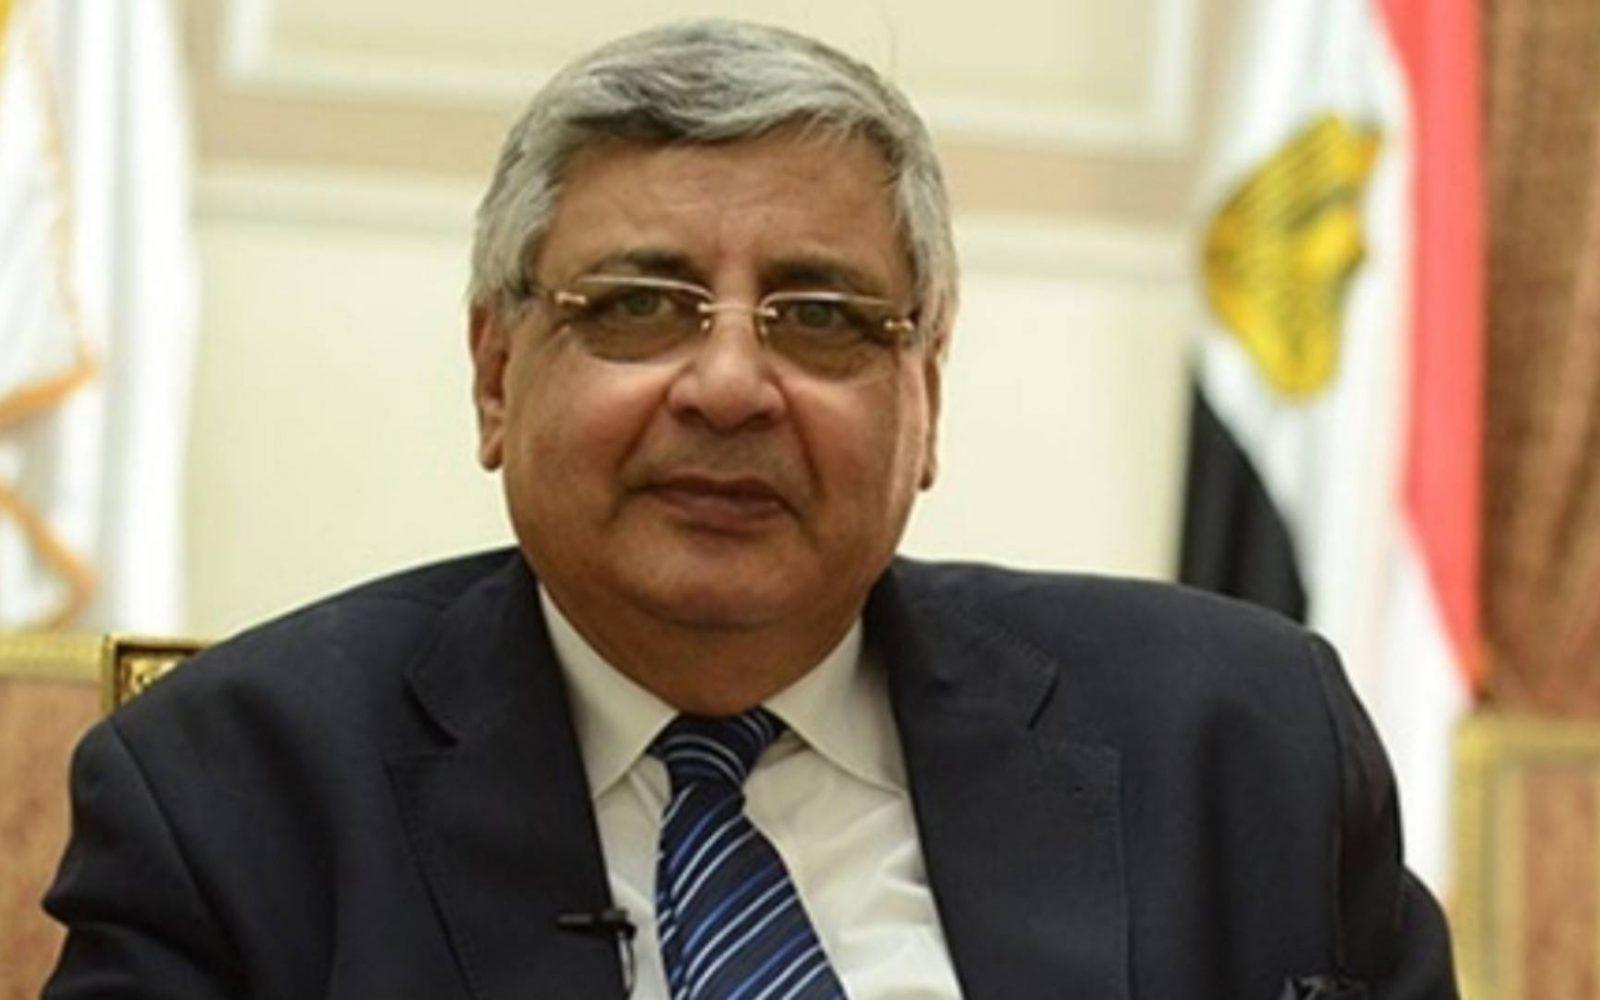 مستشار الرئيس للصحة.. الموجة الثالثة لكورونا ظهرت في بعض الدول ويكشف آخر تطورات لقاح كورونا المصري 2